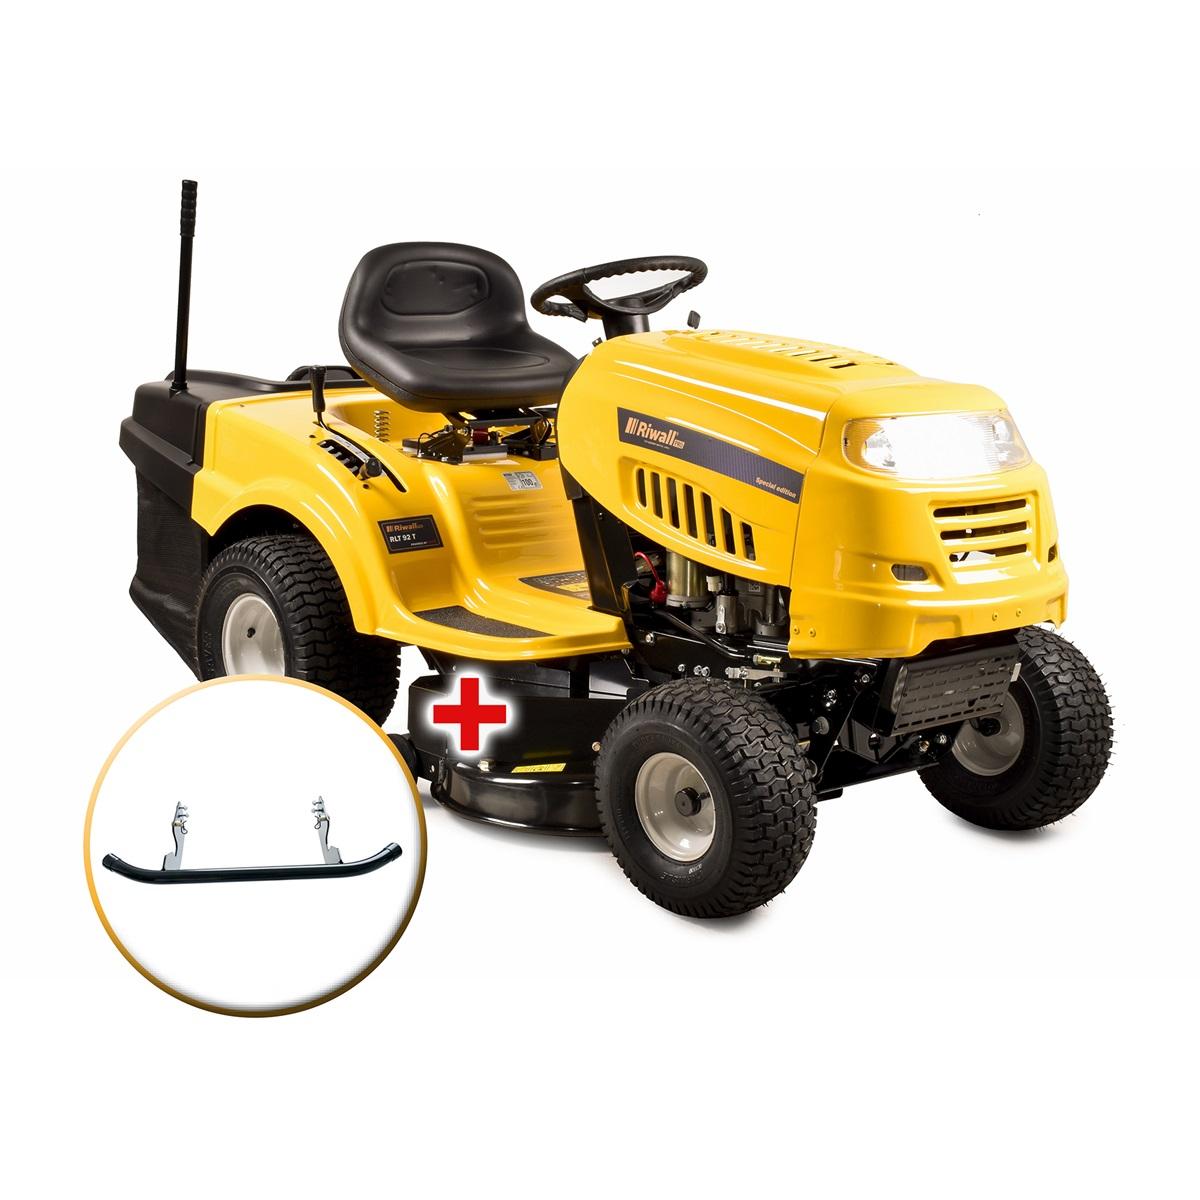 Riwall PRO RLT 92 T, travní traktor se zadním výhozem a 6-ti stupňovou převodovkou Transmatic + nárazník